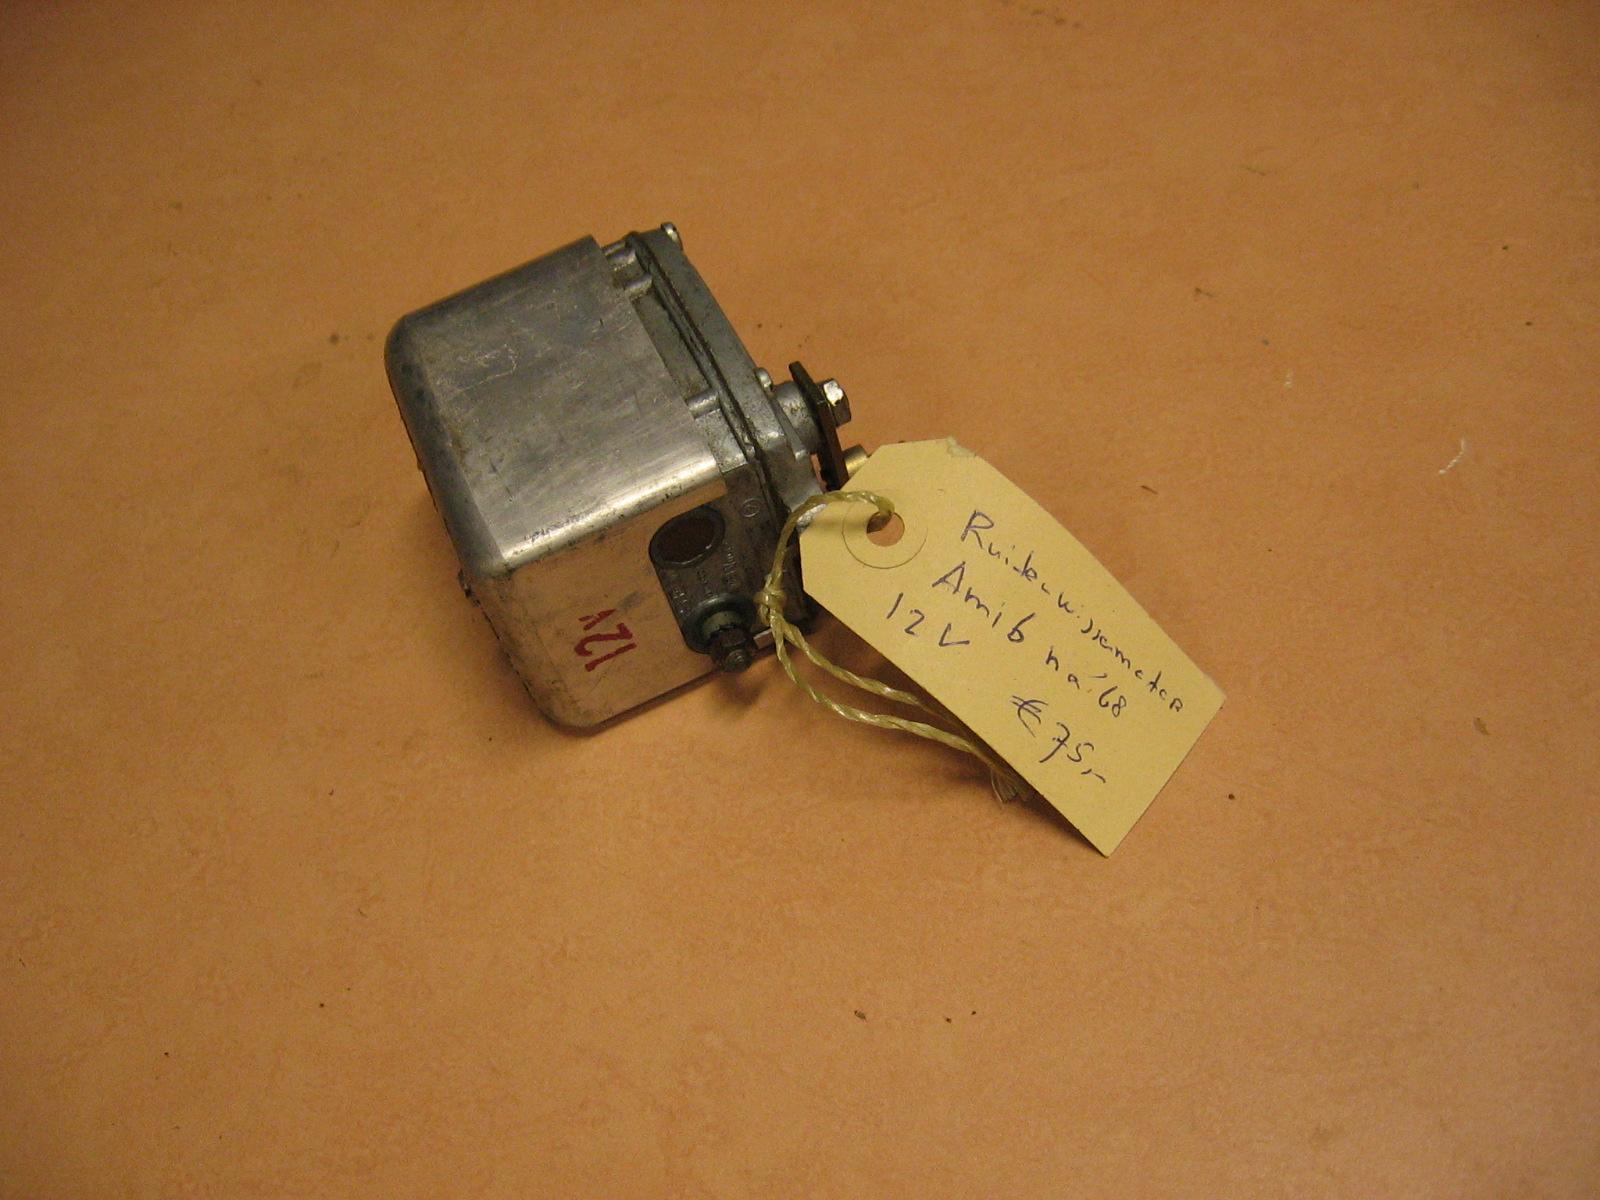 OD0452 ruitenwissermotor voor Ami 6, merk: Marshall, gebruikt